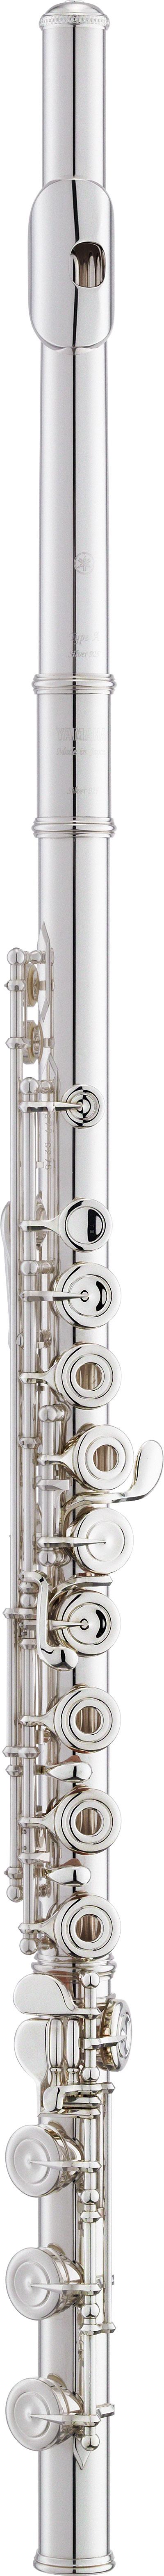 Yamaha - YFL - 877 - H - RBEO - Holzblasinstrumente - Flöten mit E-Mechanik | MUSIK BERTRAM Deutschland Freiburg